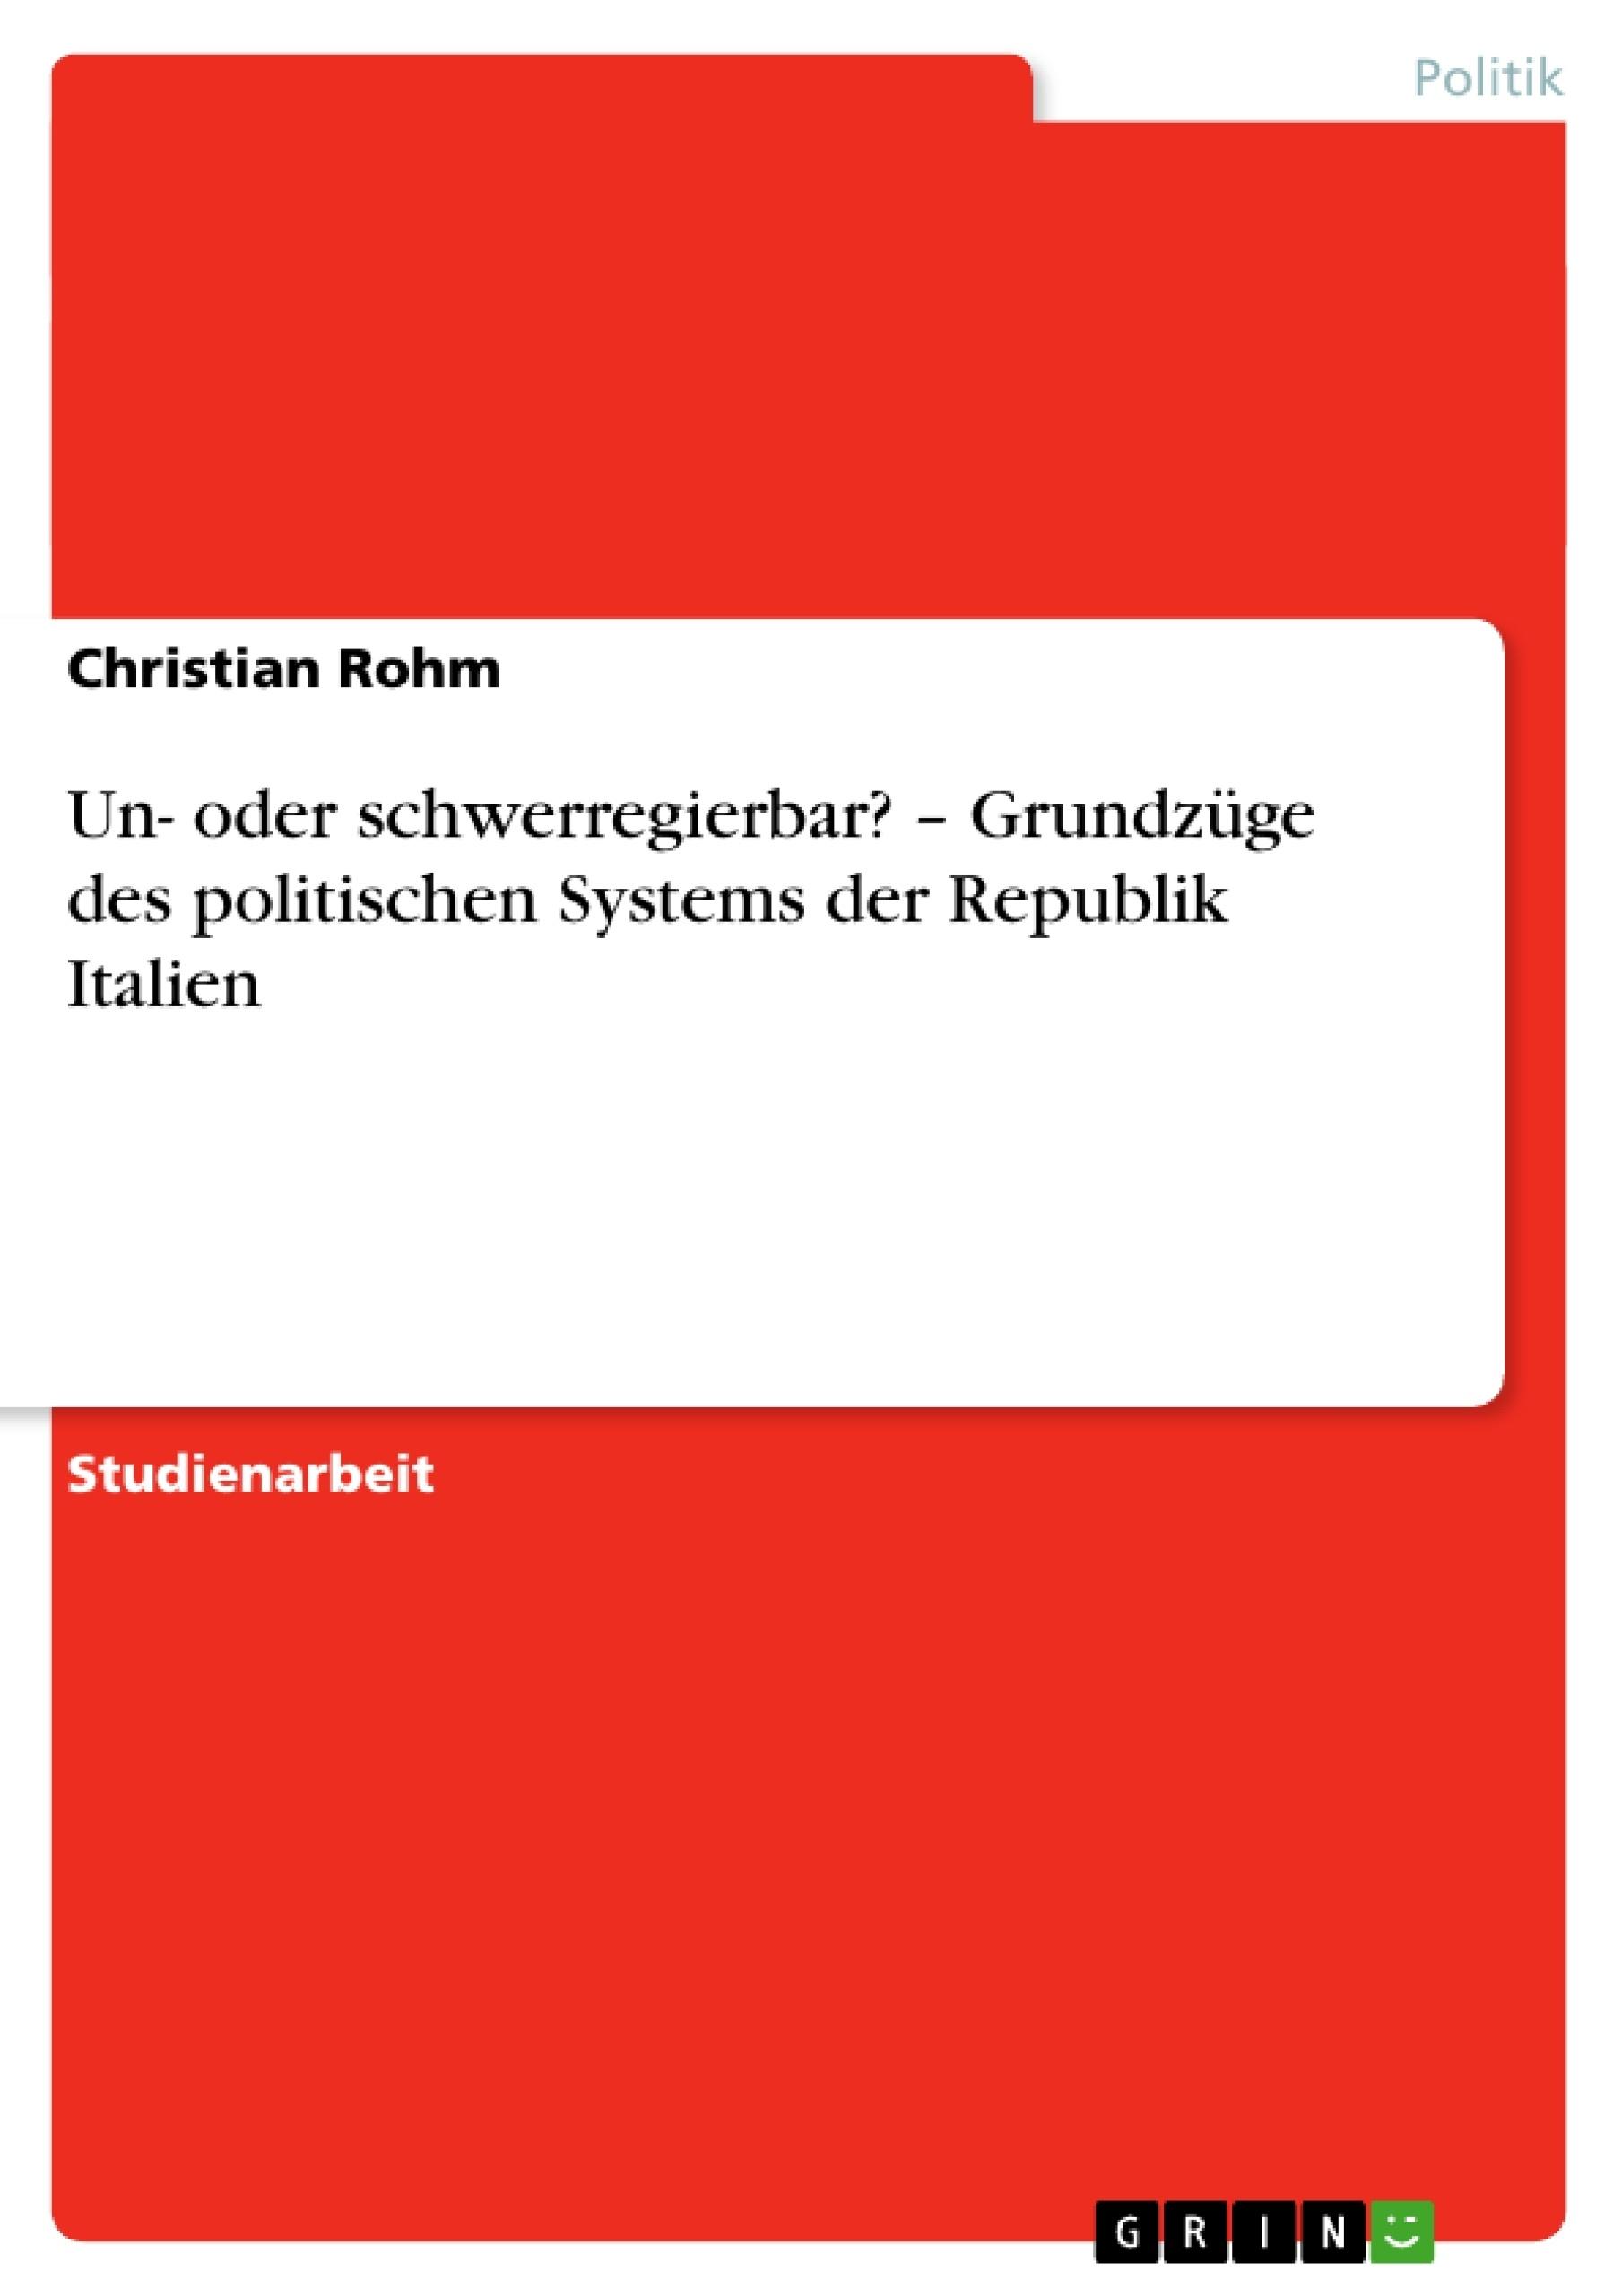 Titel: Un- oder schwerregierbar? – Grundzüge des politischen Systems der Republik Italien